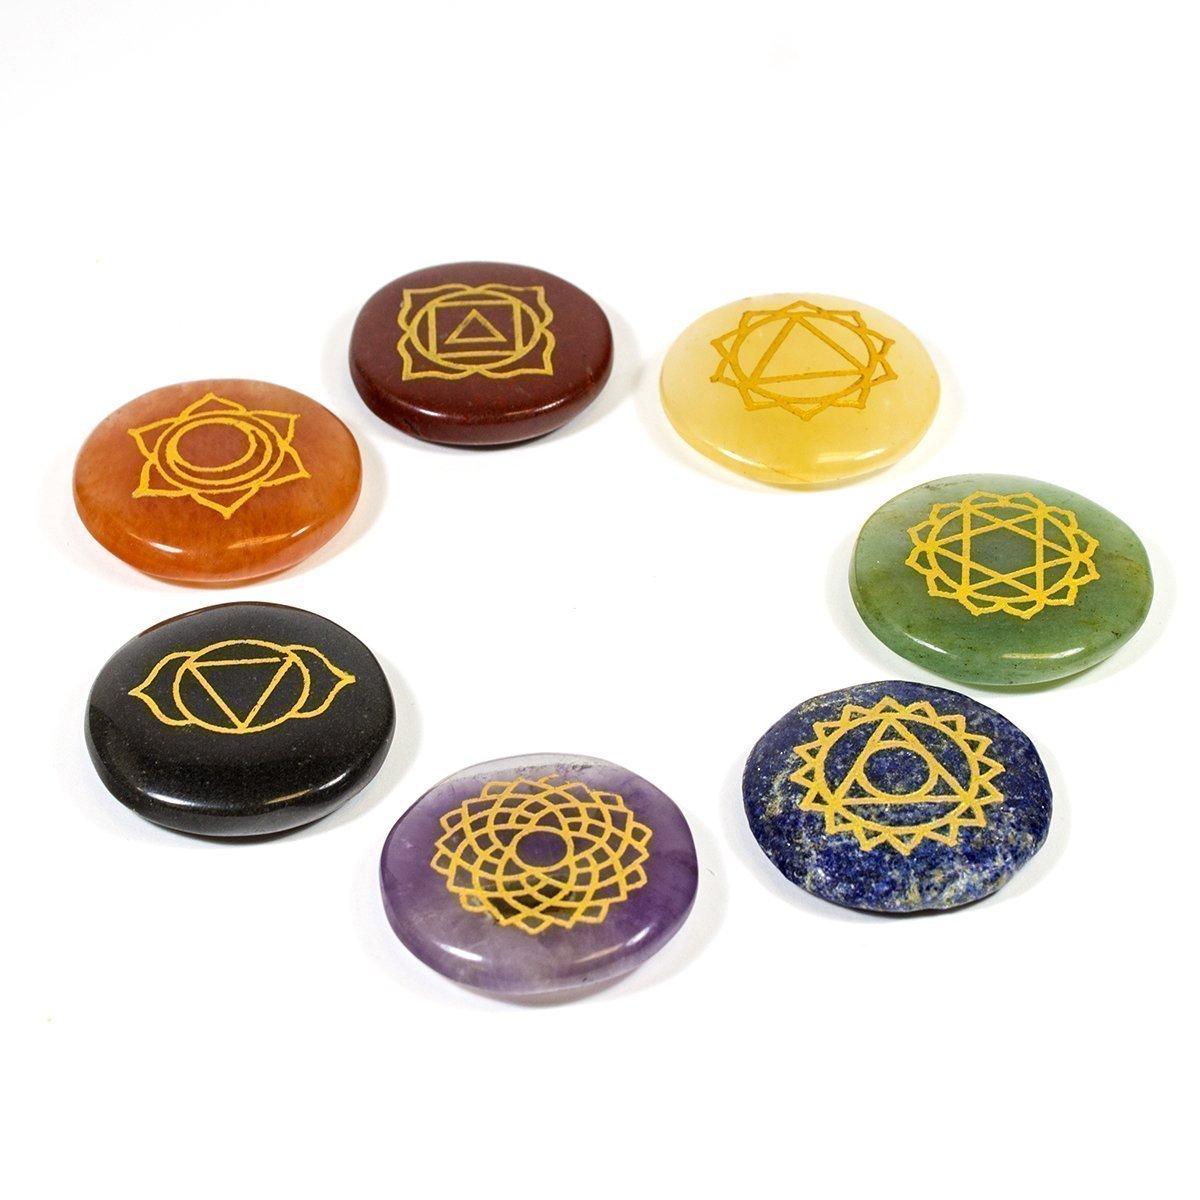 Kala Emporium pierres naturelles 7Chakra Lot de main gravé Chakra Symbole sur chaque Chakra Pierre Lot (Chakra rond Ensemble) KES0200